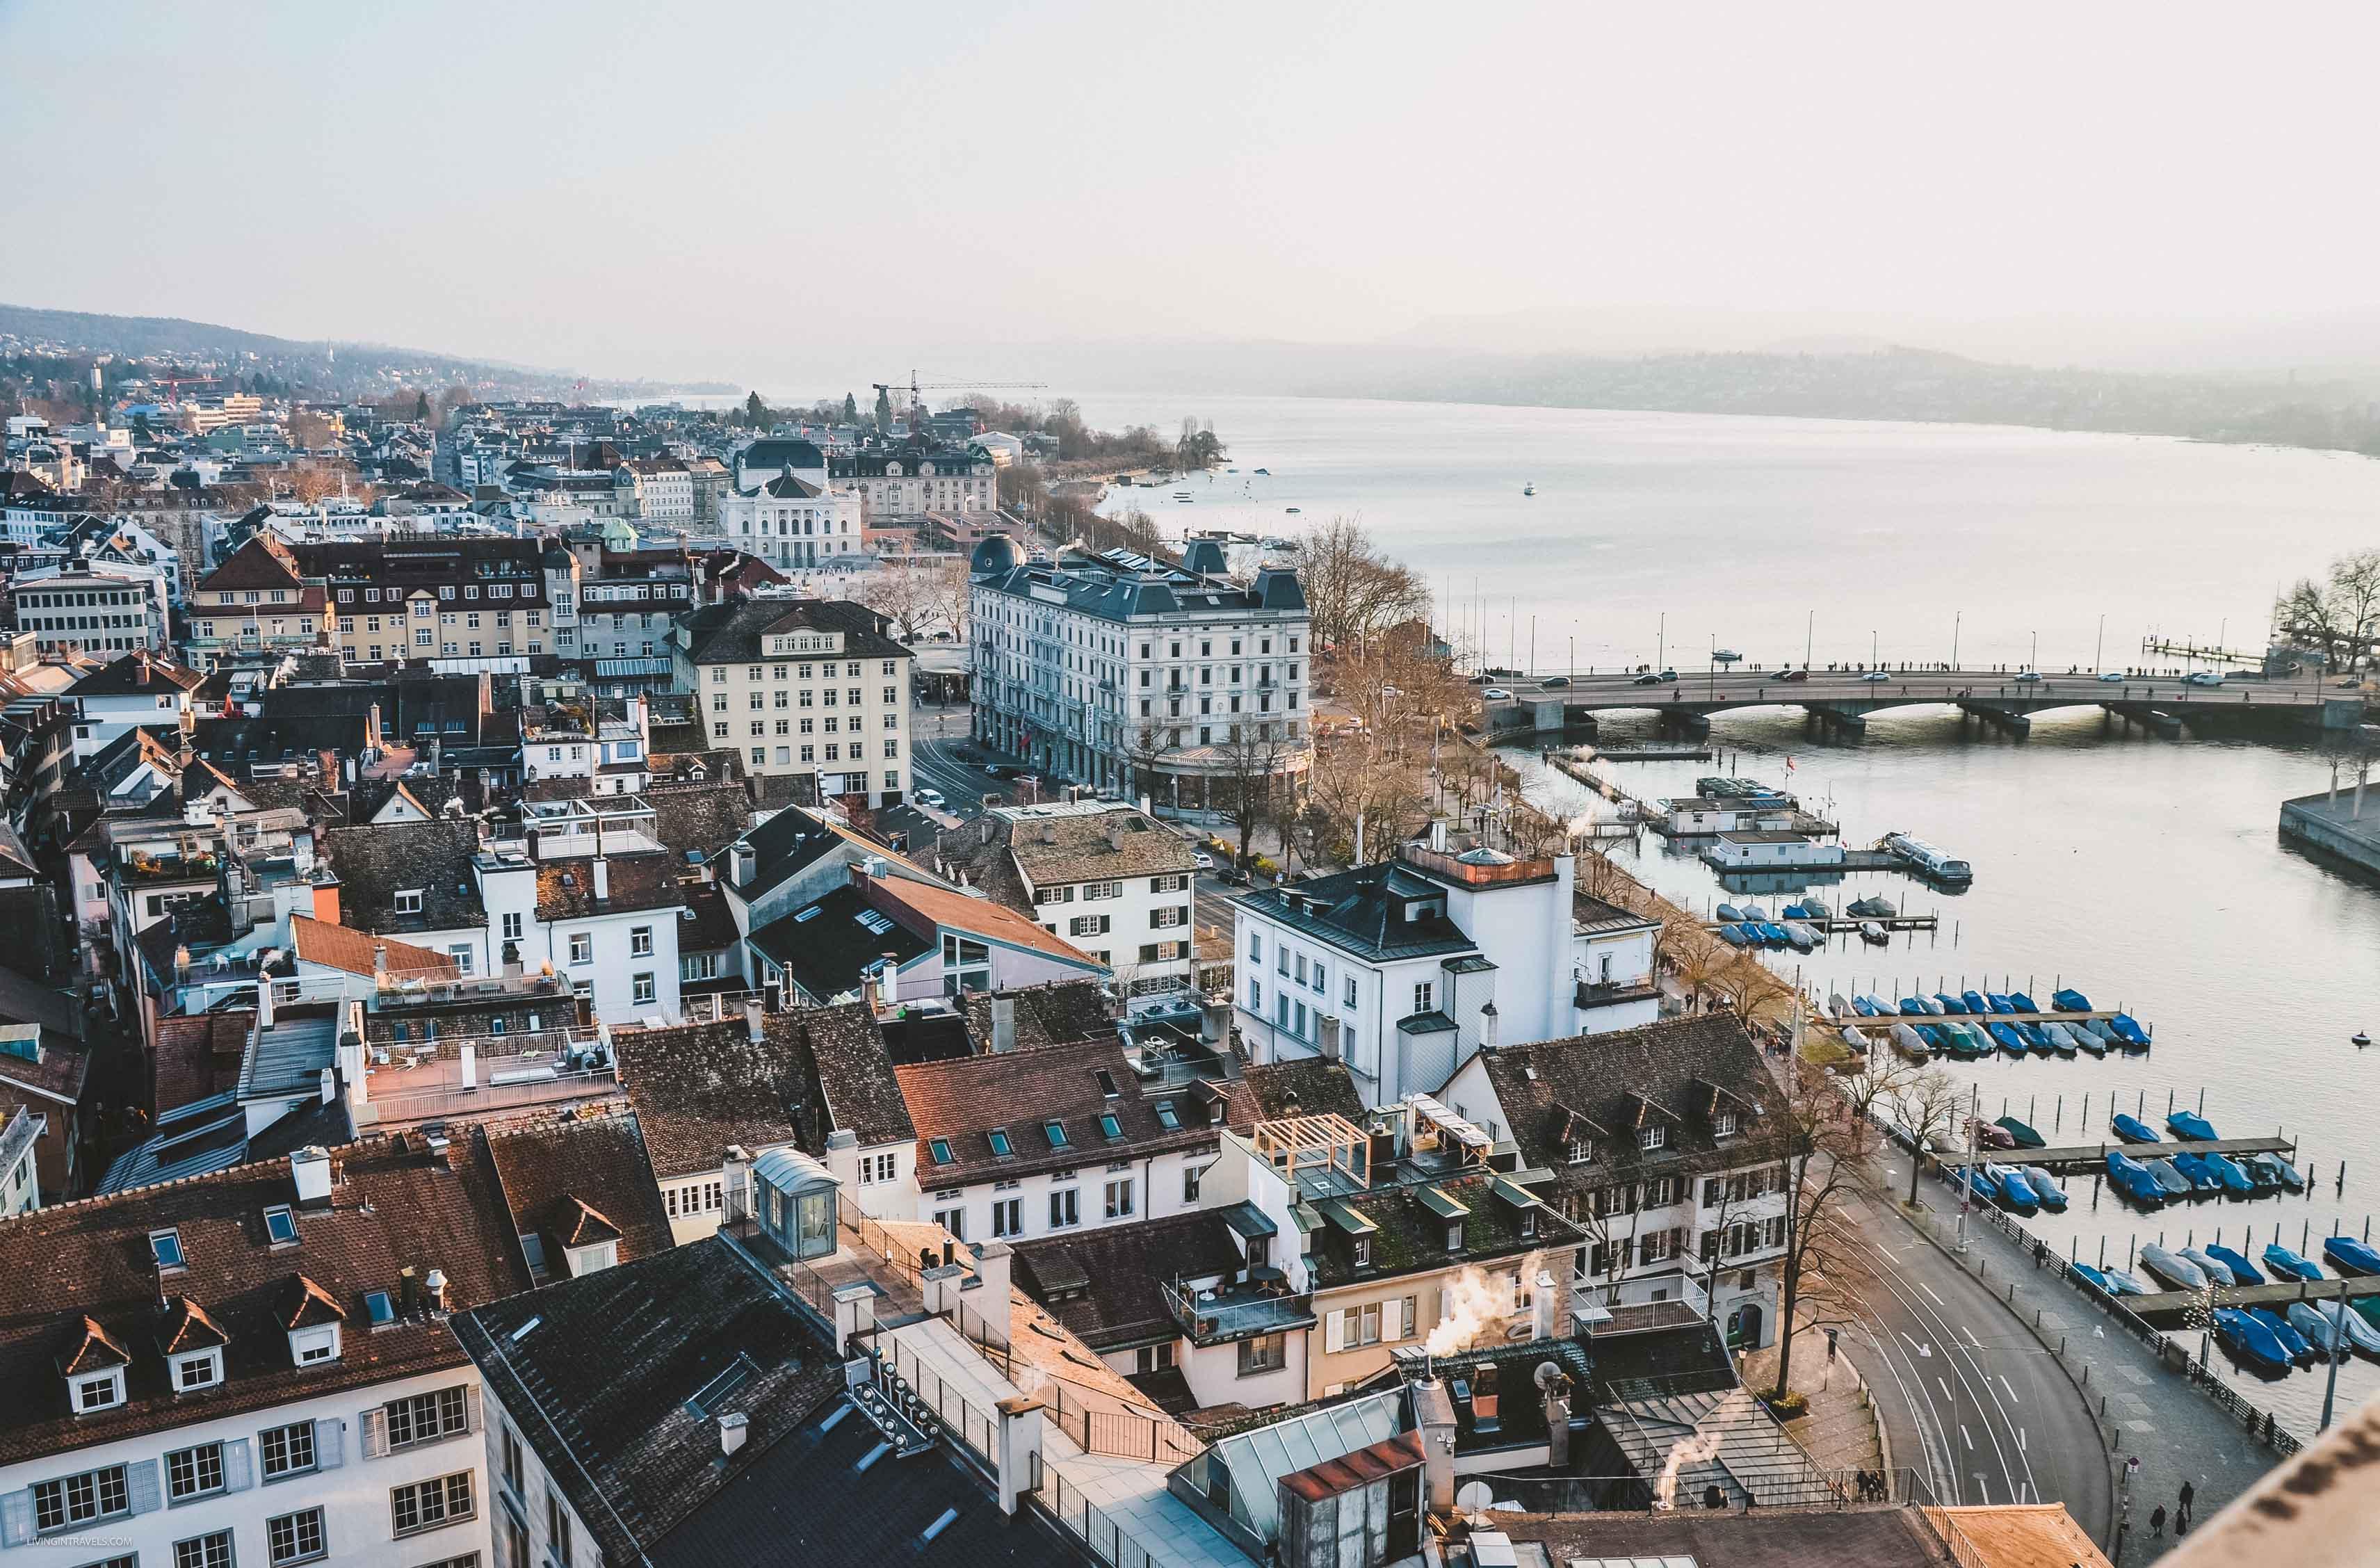 Вид на город и озеро с башни церкви Гроссмюнстер. Швейцария: Цюрих и окрестности за 48 часов